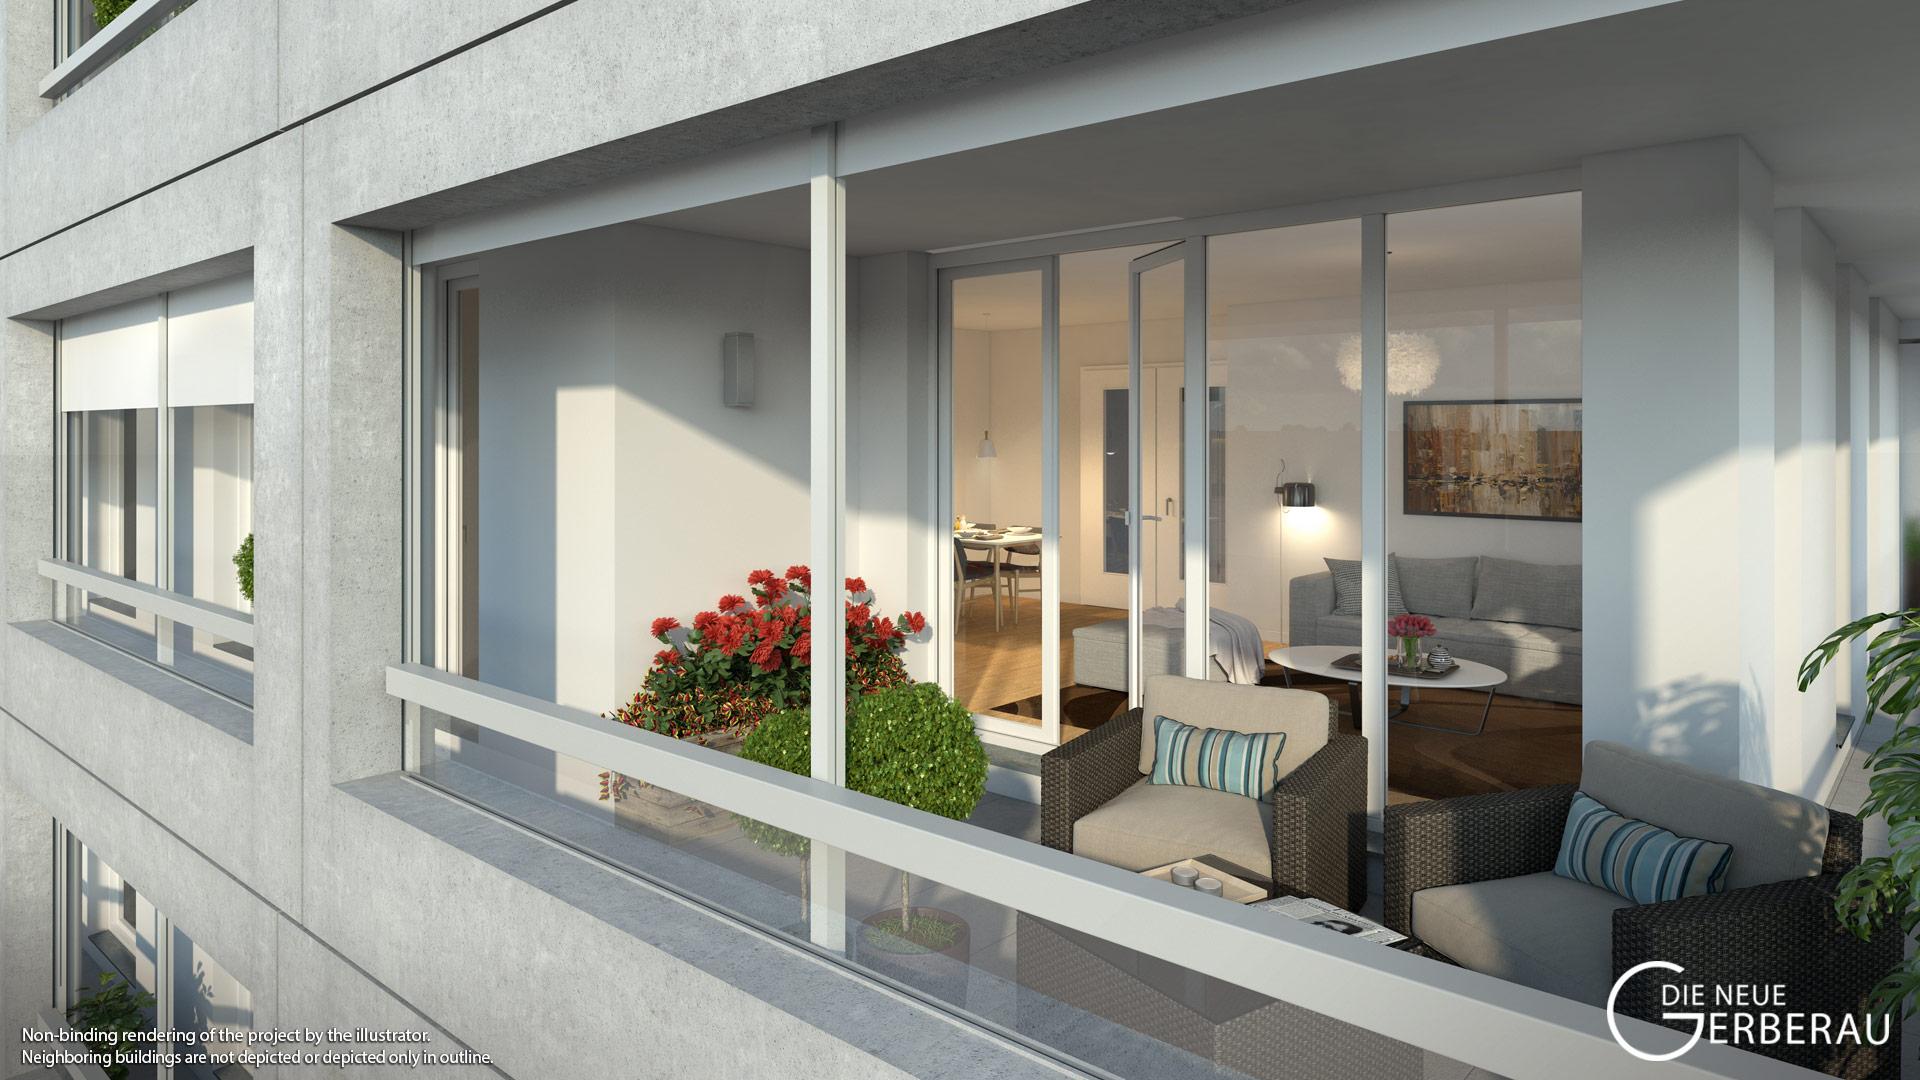 Property Die neue Gerberau - Illustration 9